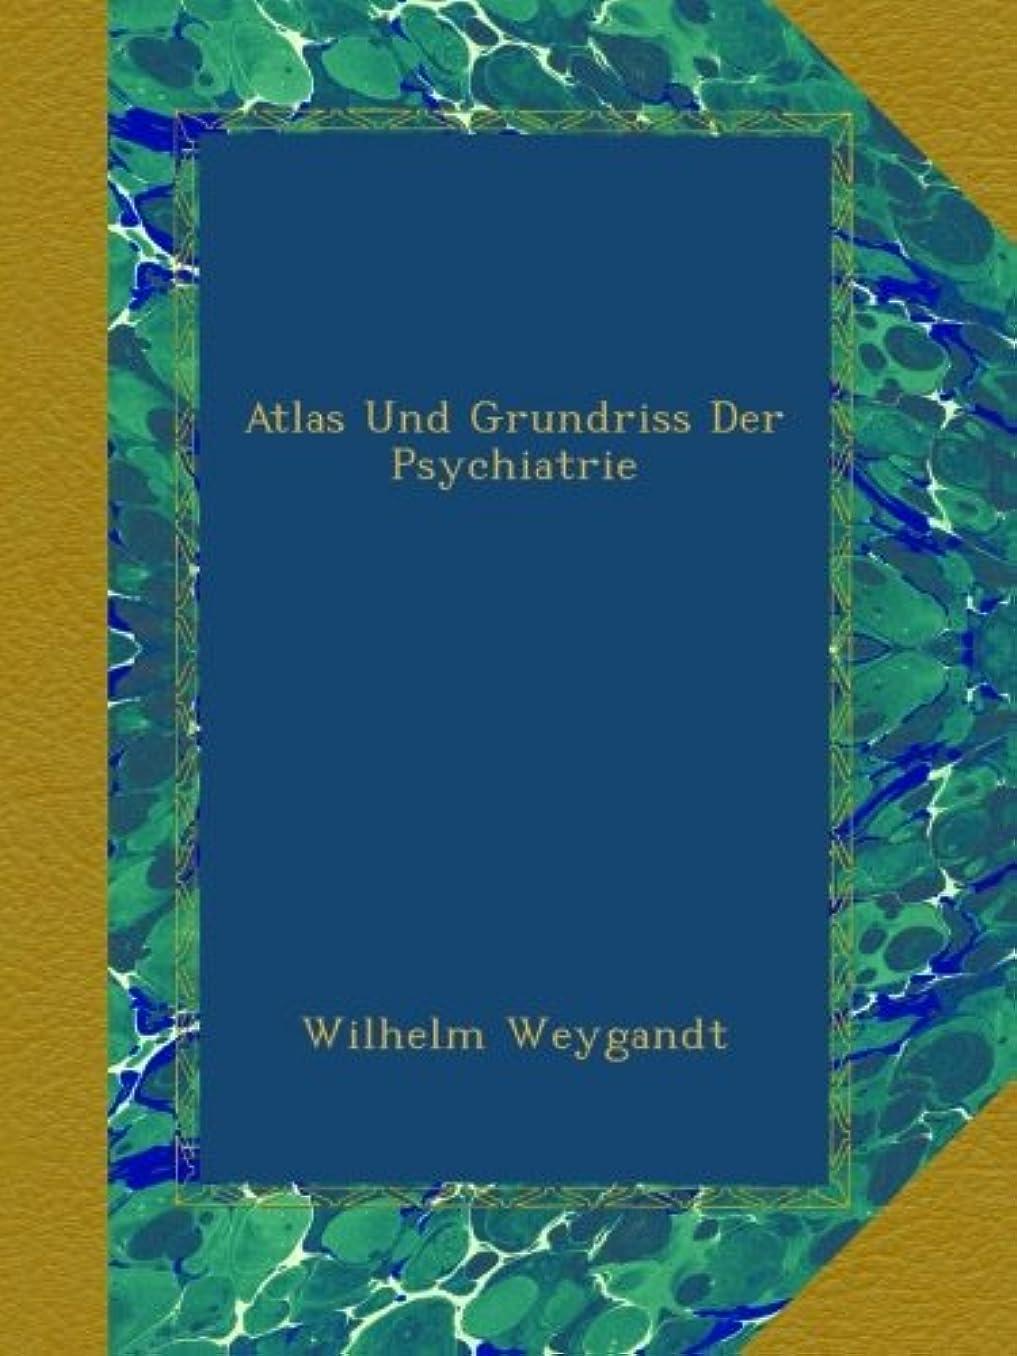 赤面時憂慮すべきAtlas Und Grundriss Der Psychiatrie